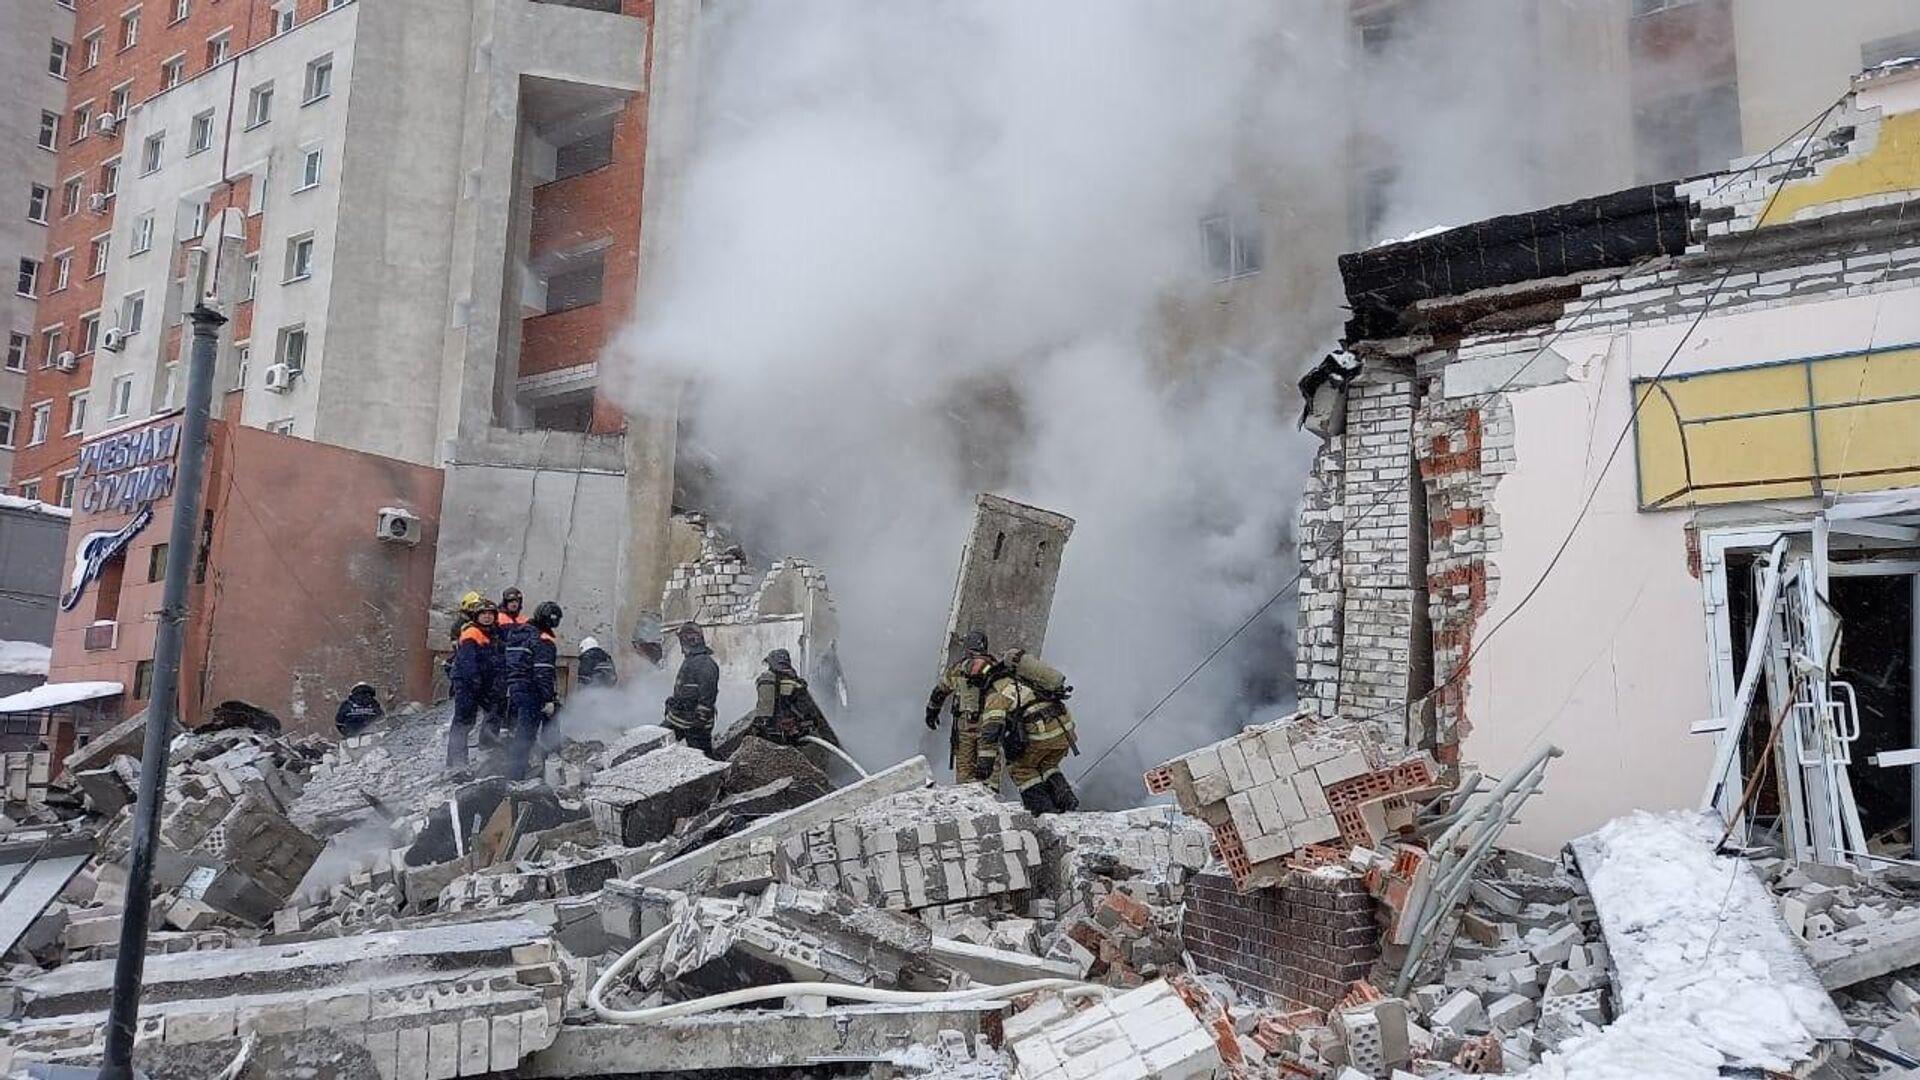 Разбор завалов на месте взрыва в жилом доме на Мещерском бульваре в Нижнем Новгороде - РИА Новости, 1920, 26.02.2021